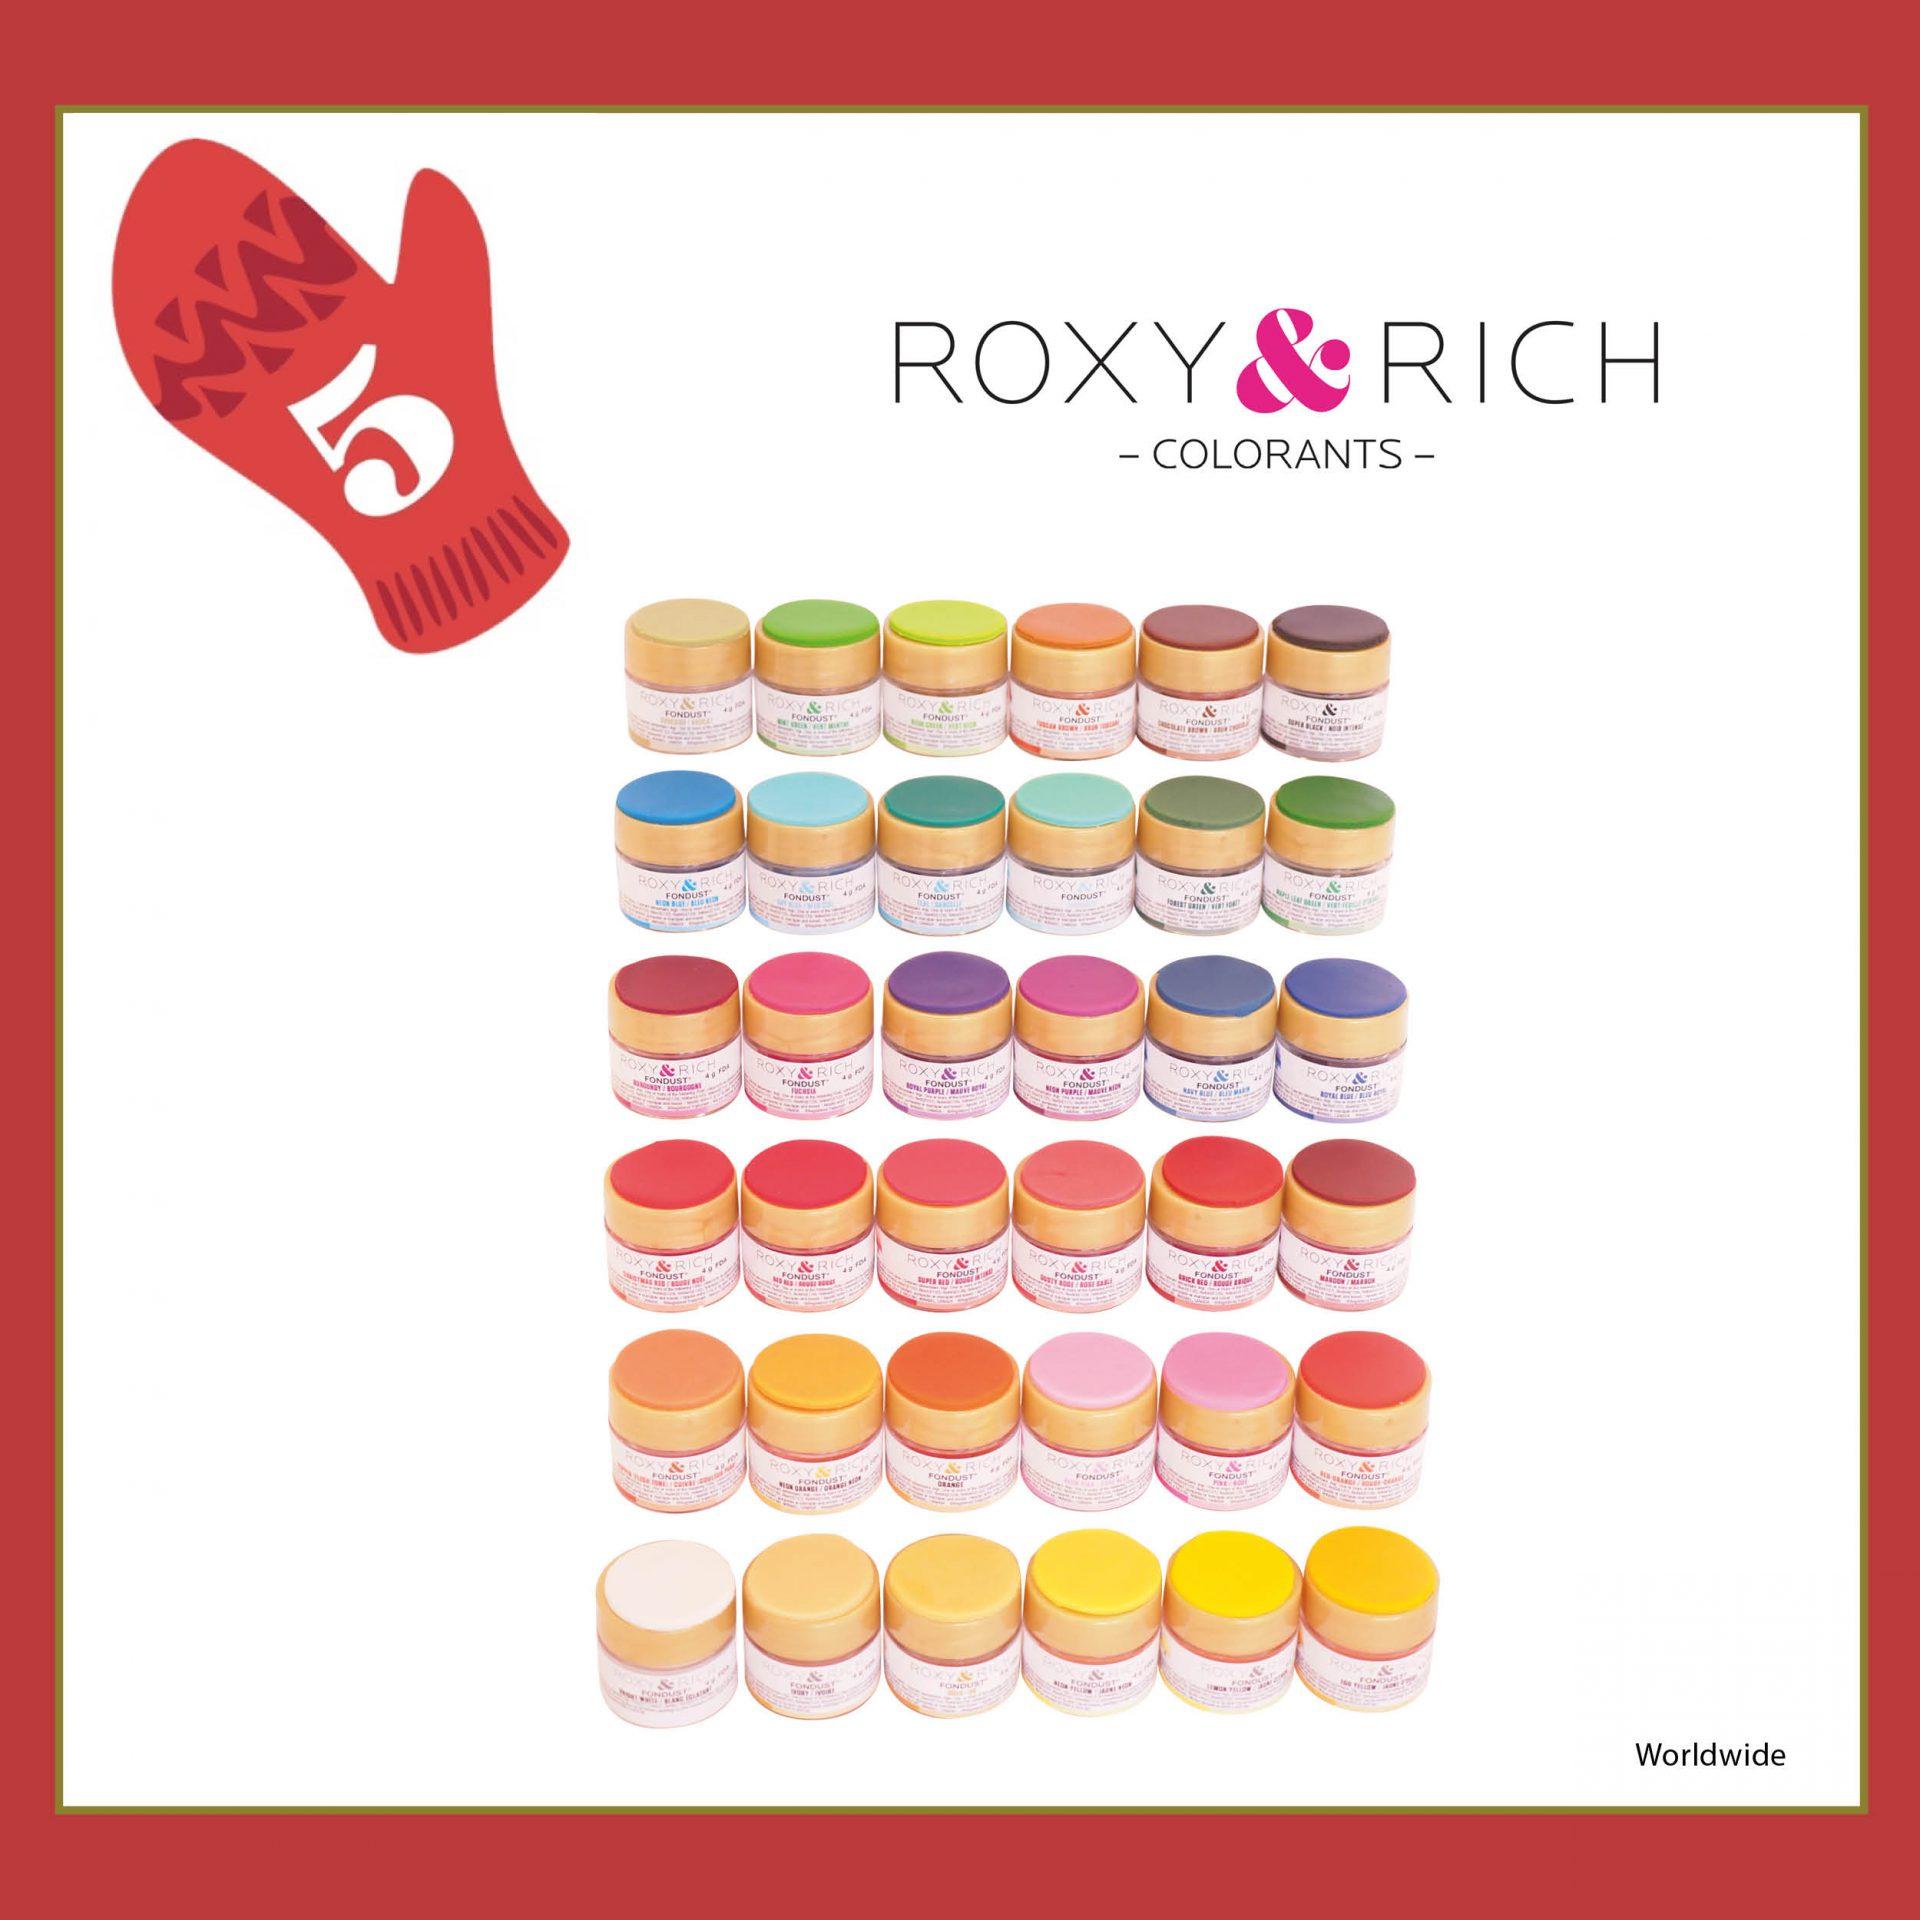 5th-december-roxy-rich